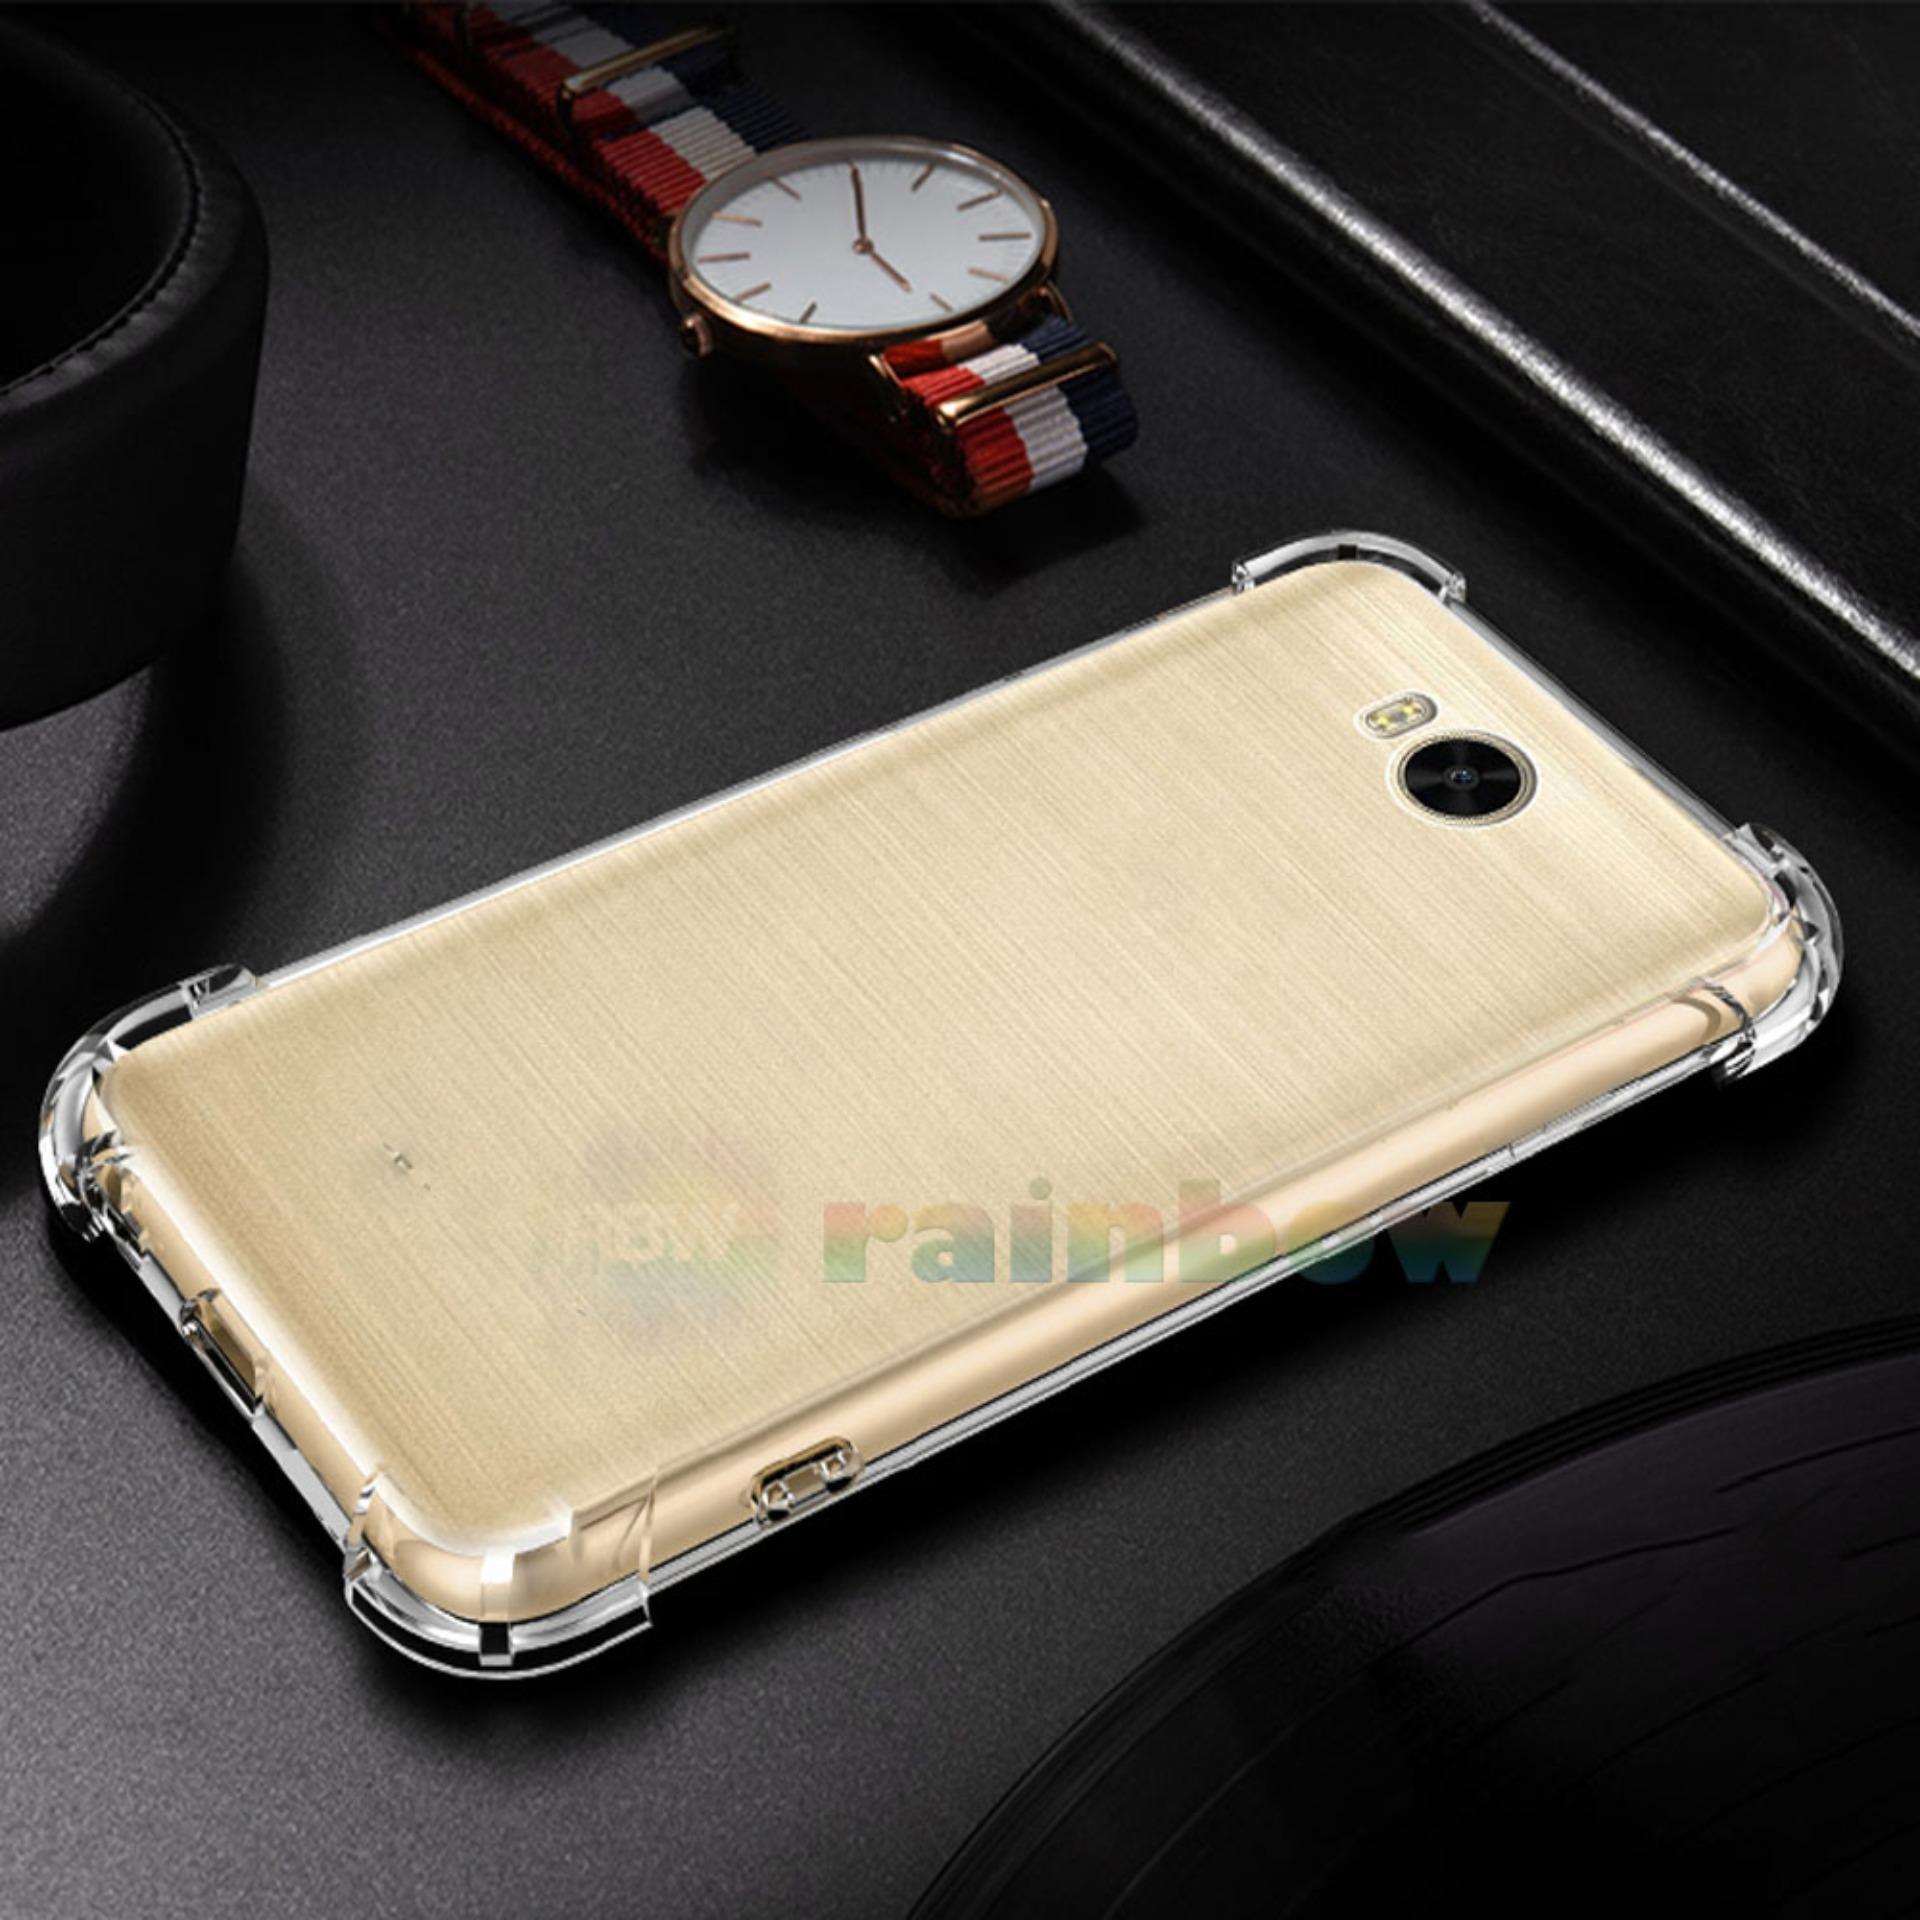 Rainbow Case Anti Crack Huawei Y5 2017 Transparan Soft Case Anti Shock Y5 2017 Huawei / Softshell Shockproof / Ultrathin Huawei / Silikon Casing  Huawei Clear